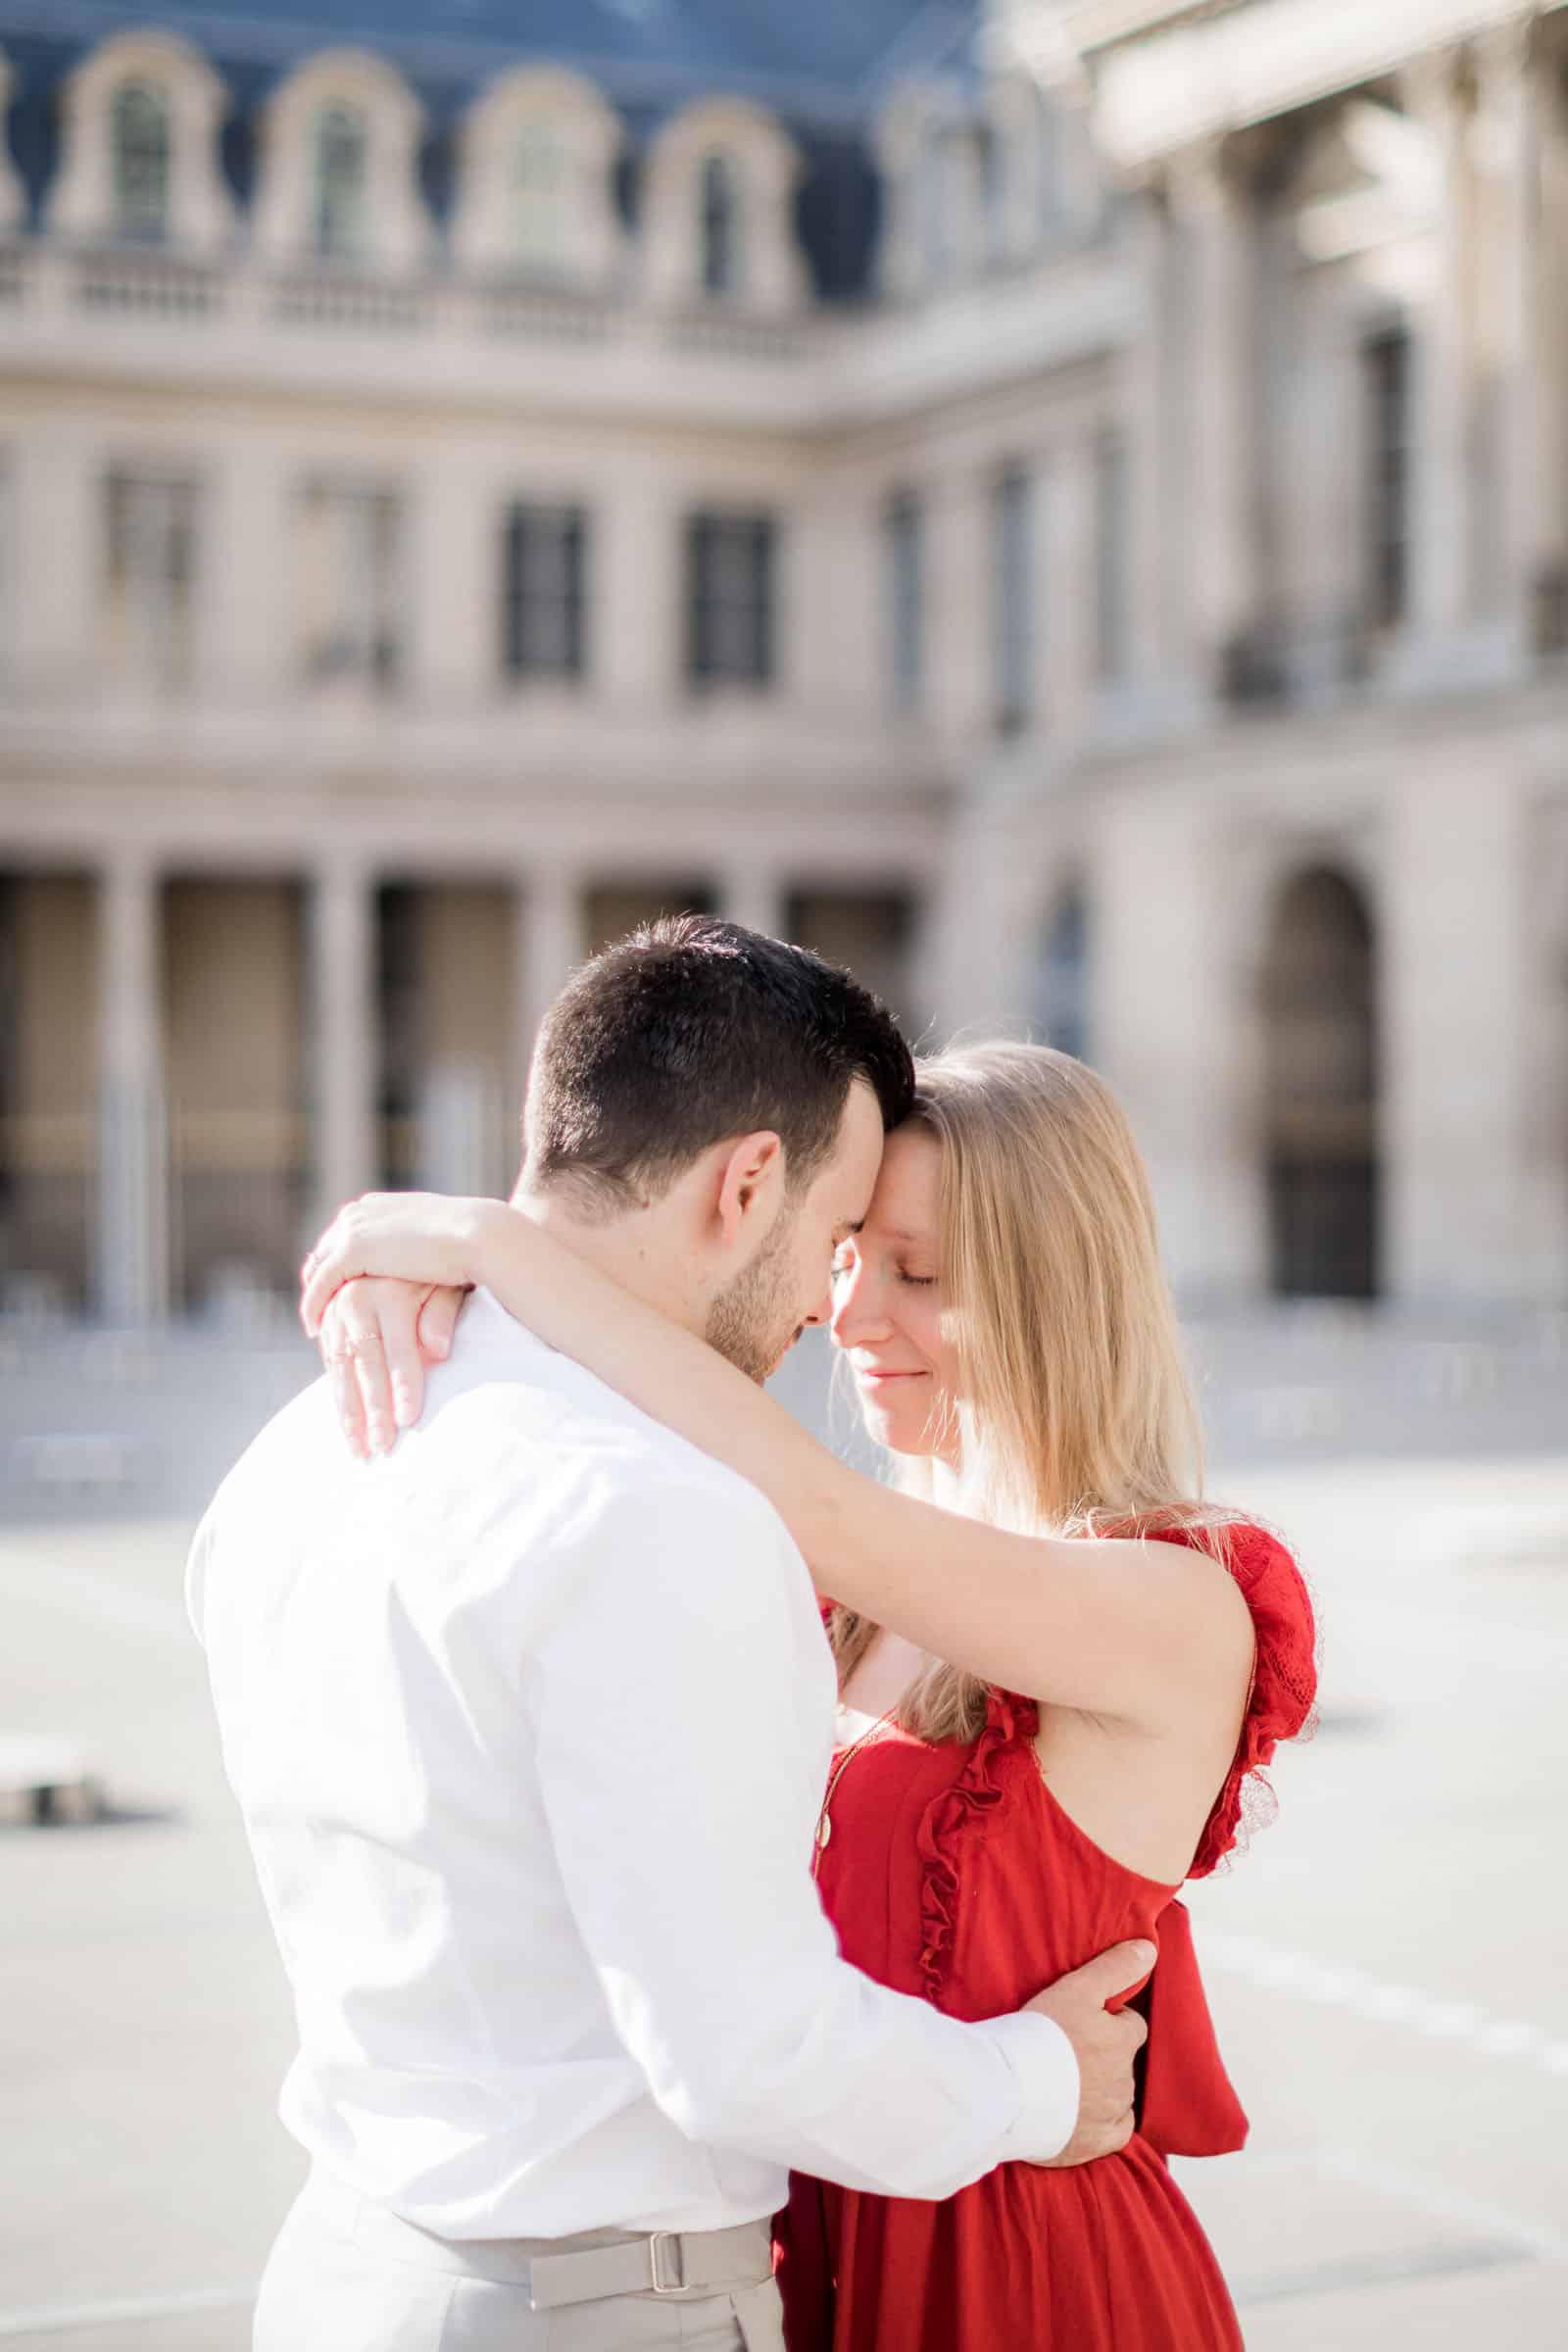 Photo de Mathieu Dété, couple amoureux enlacé près des colonnes de Buren